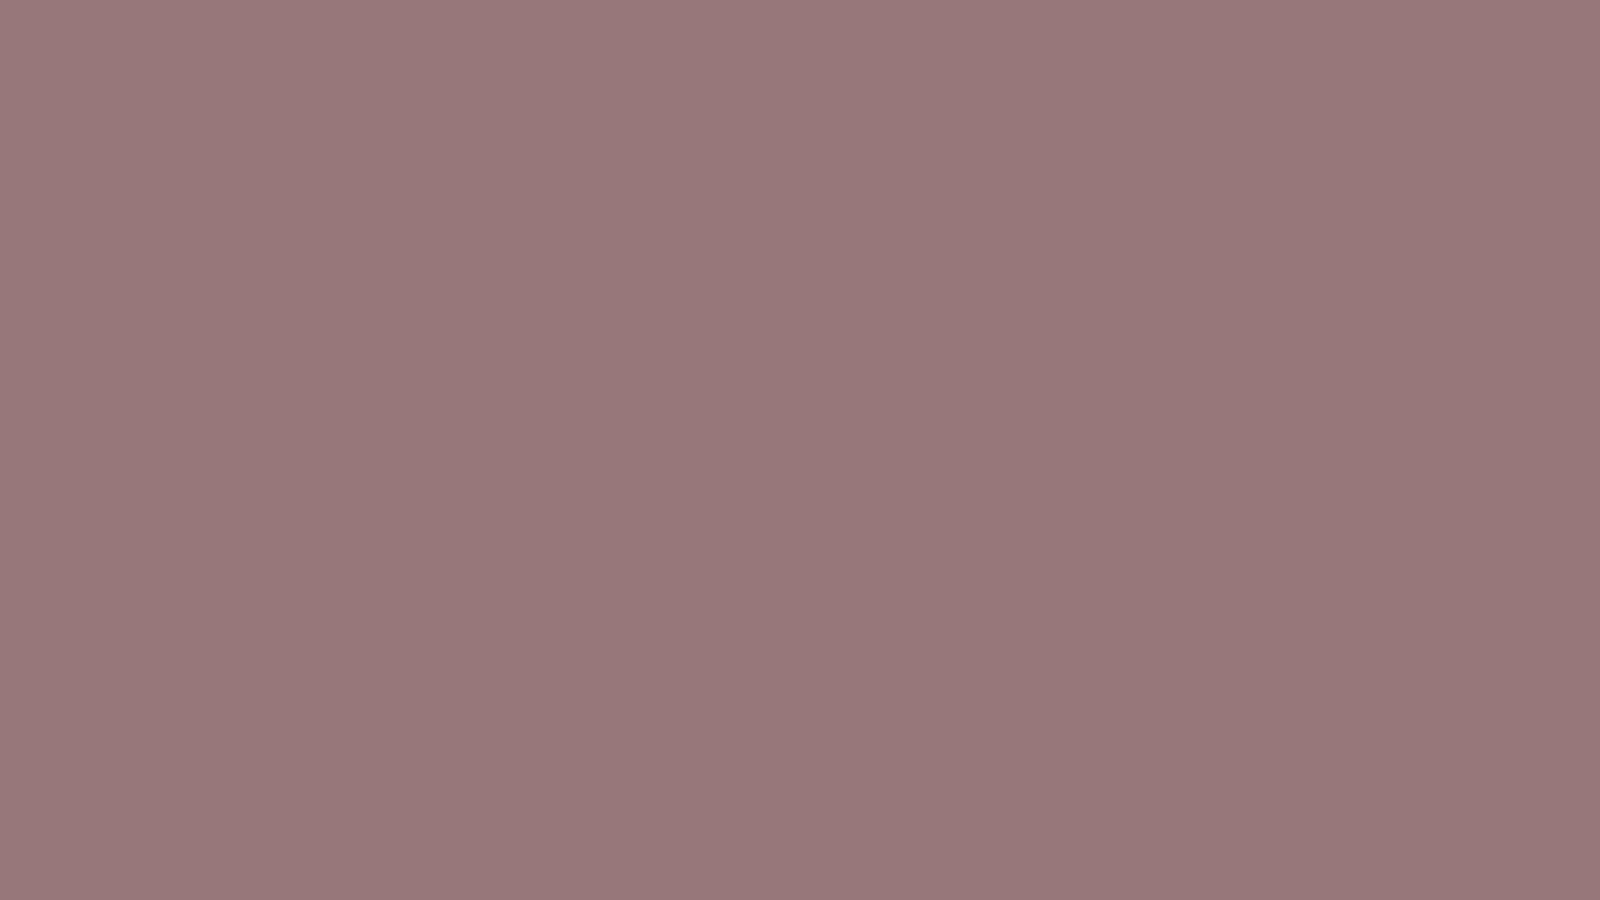 1600x900 Bazaar Solid Color Background